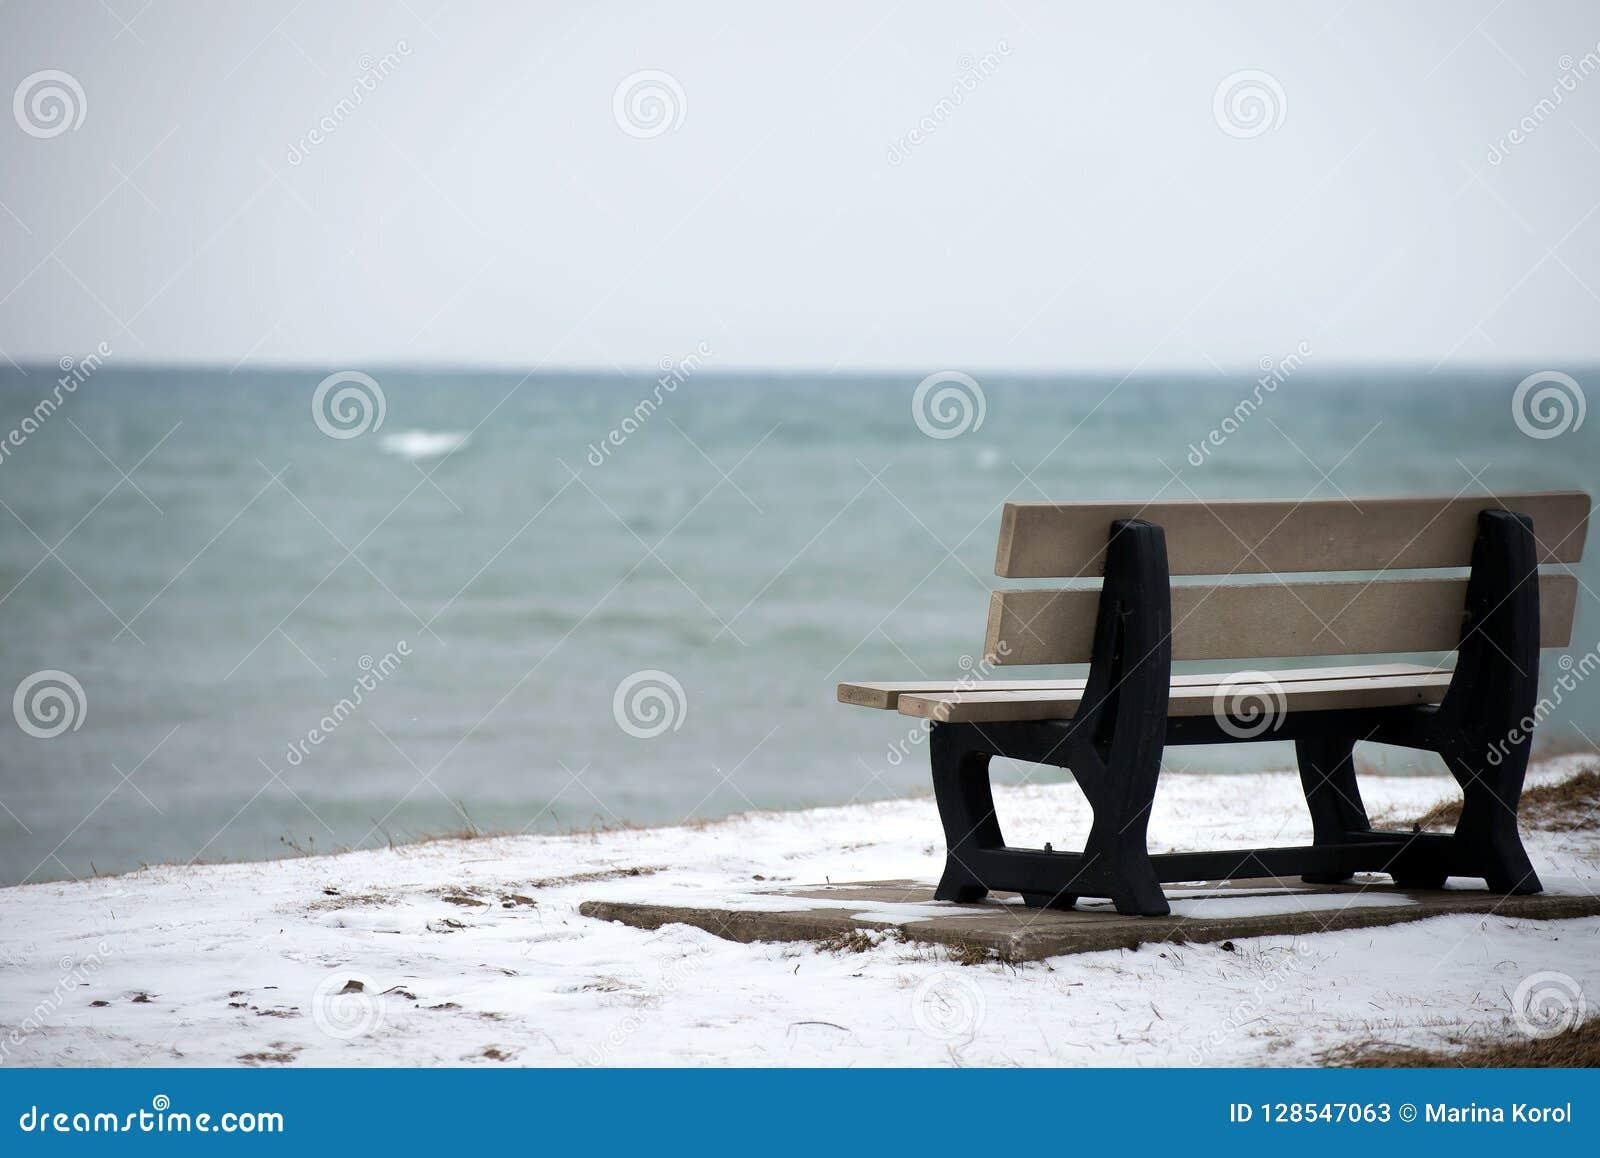 De winter/daling De foto van de bank op de oceaankosten met een beetje van sneeuw ter plaatse Het blauwe water van de oceaan is o